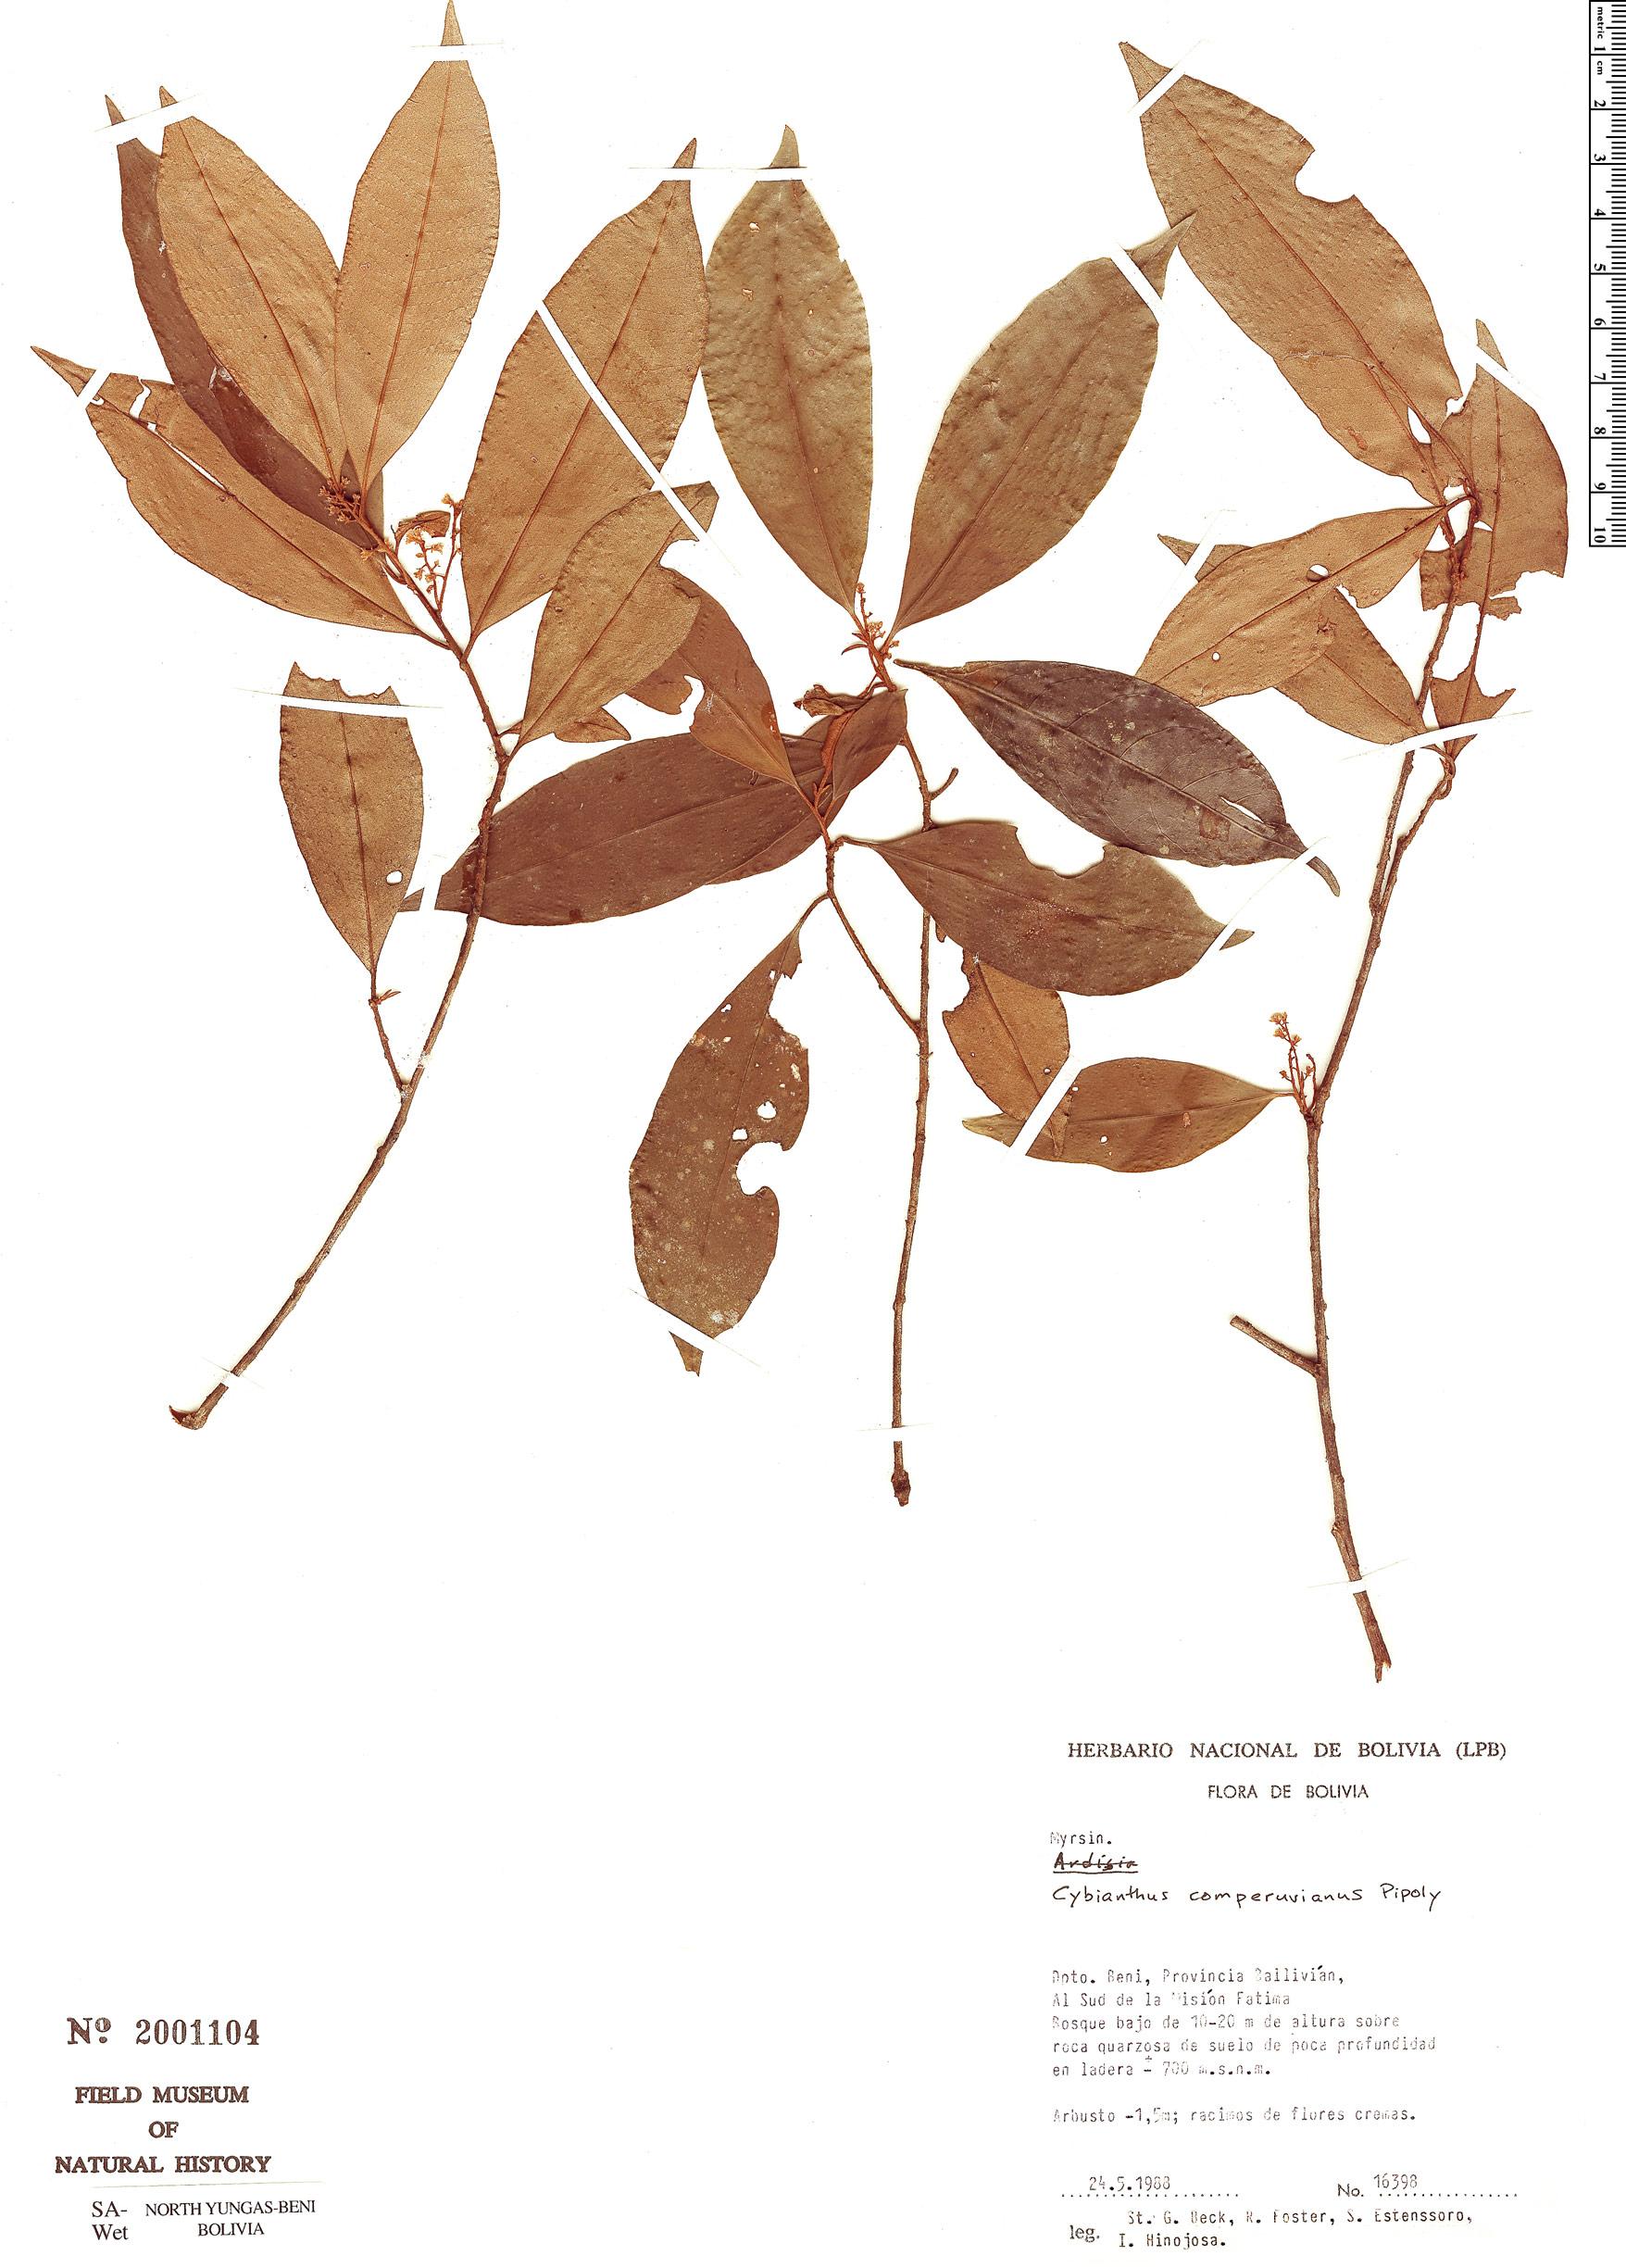 Specimen: Cybianthus comperuvianus